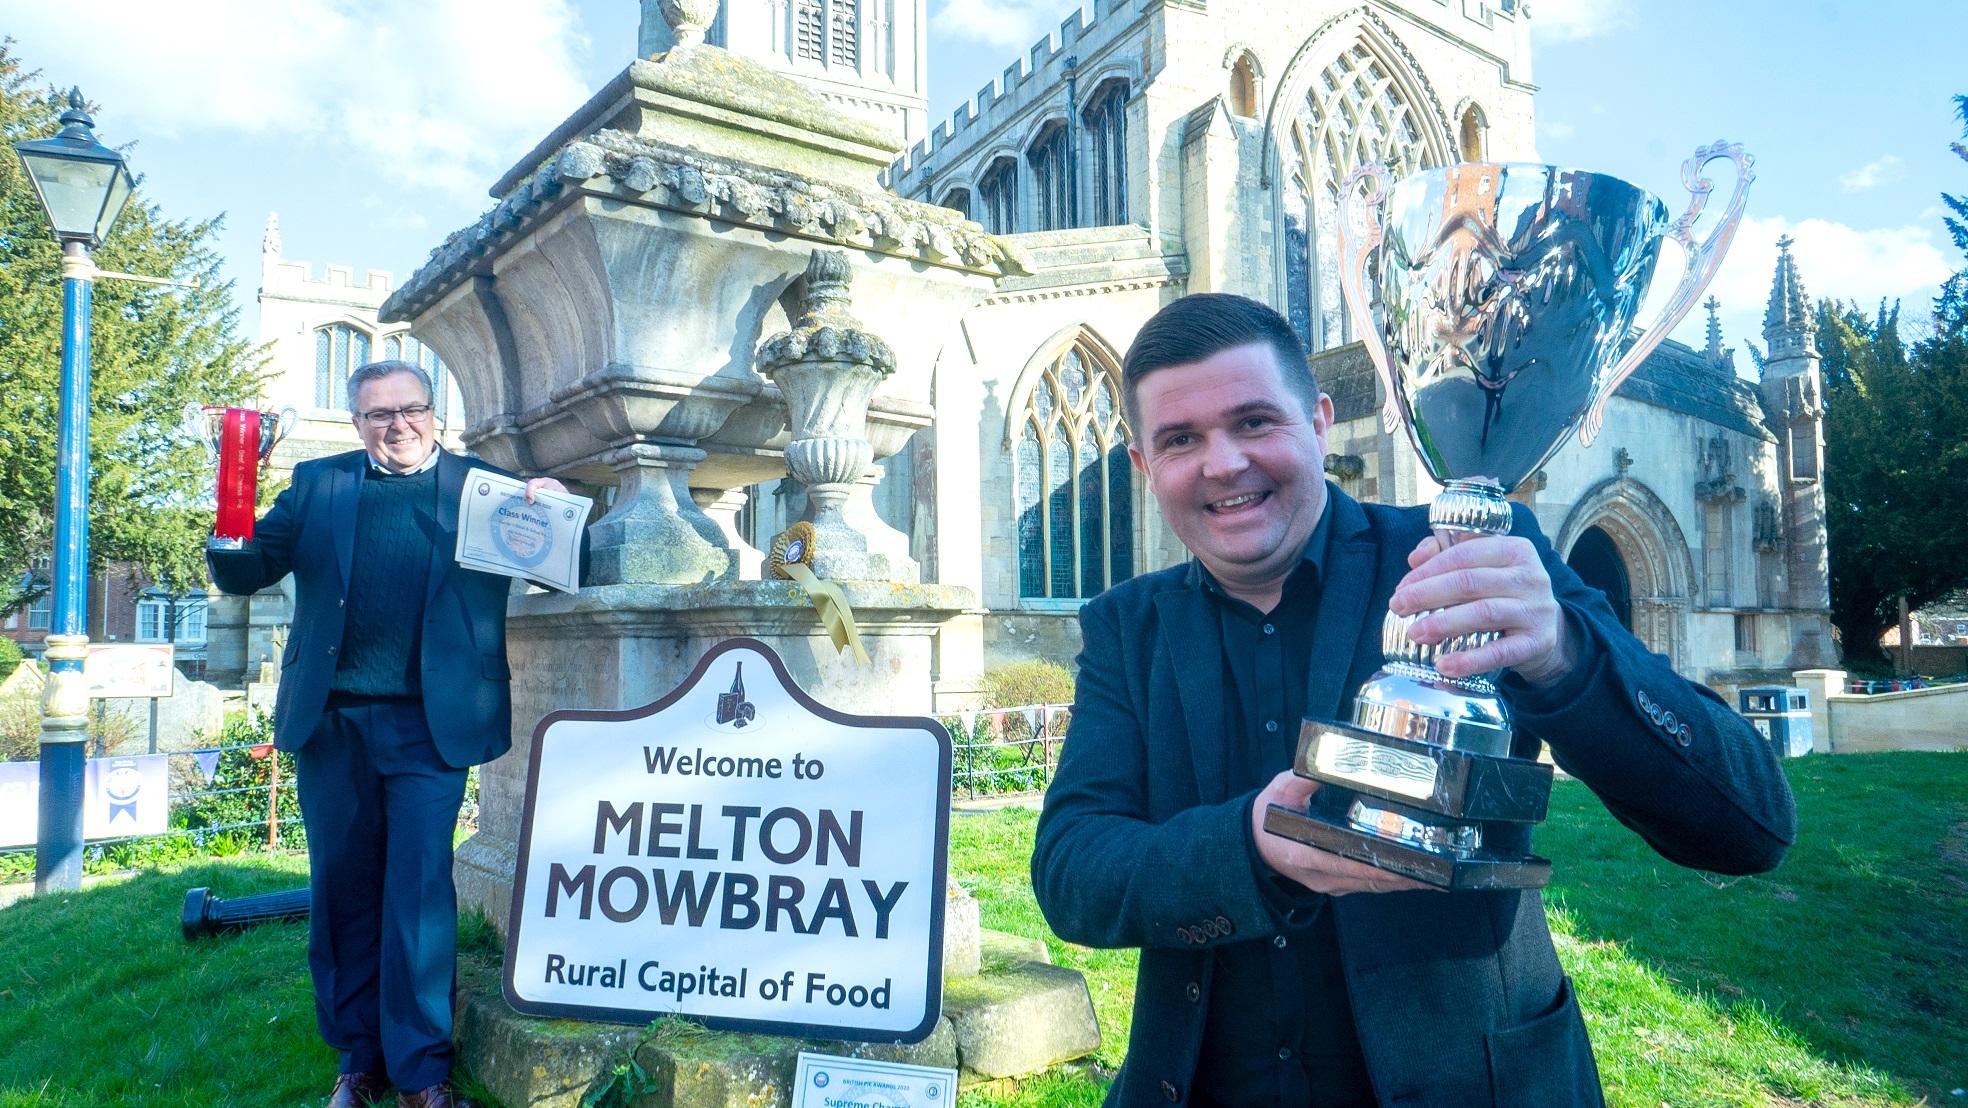 Turner's crowned Britain's best pie makers yet again ...